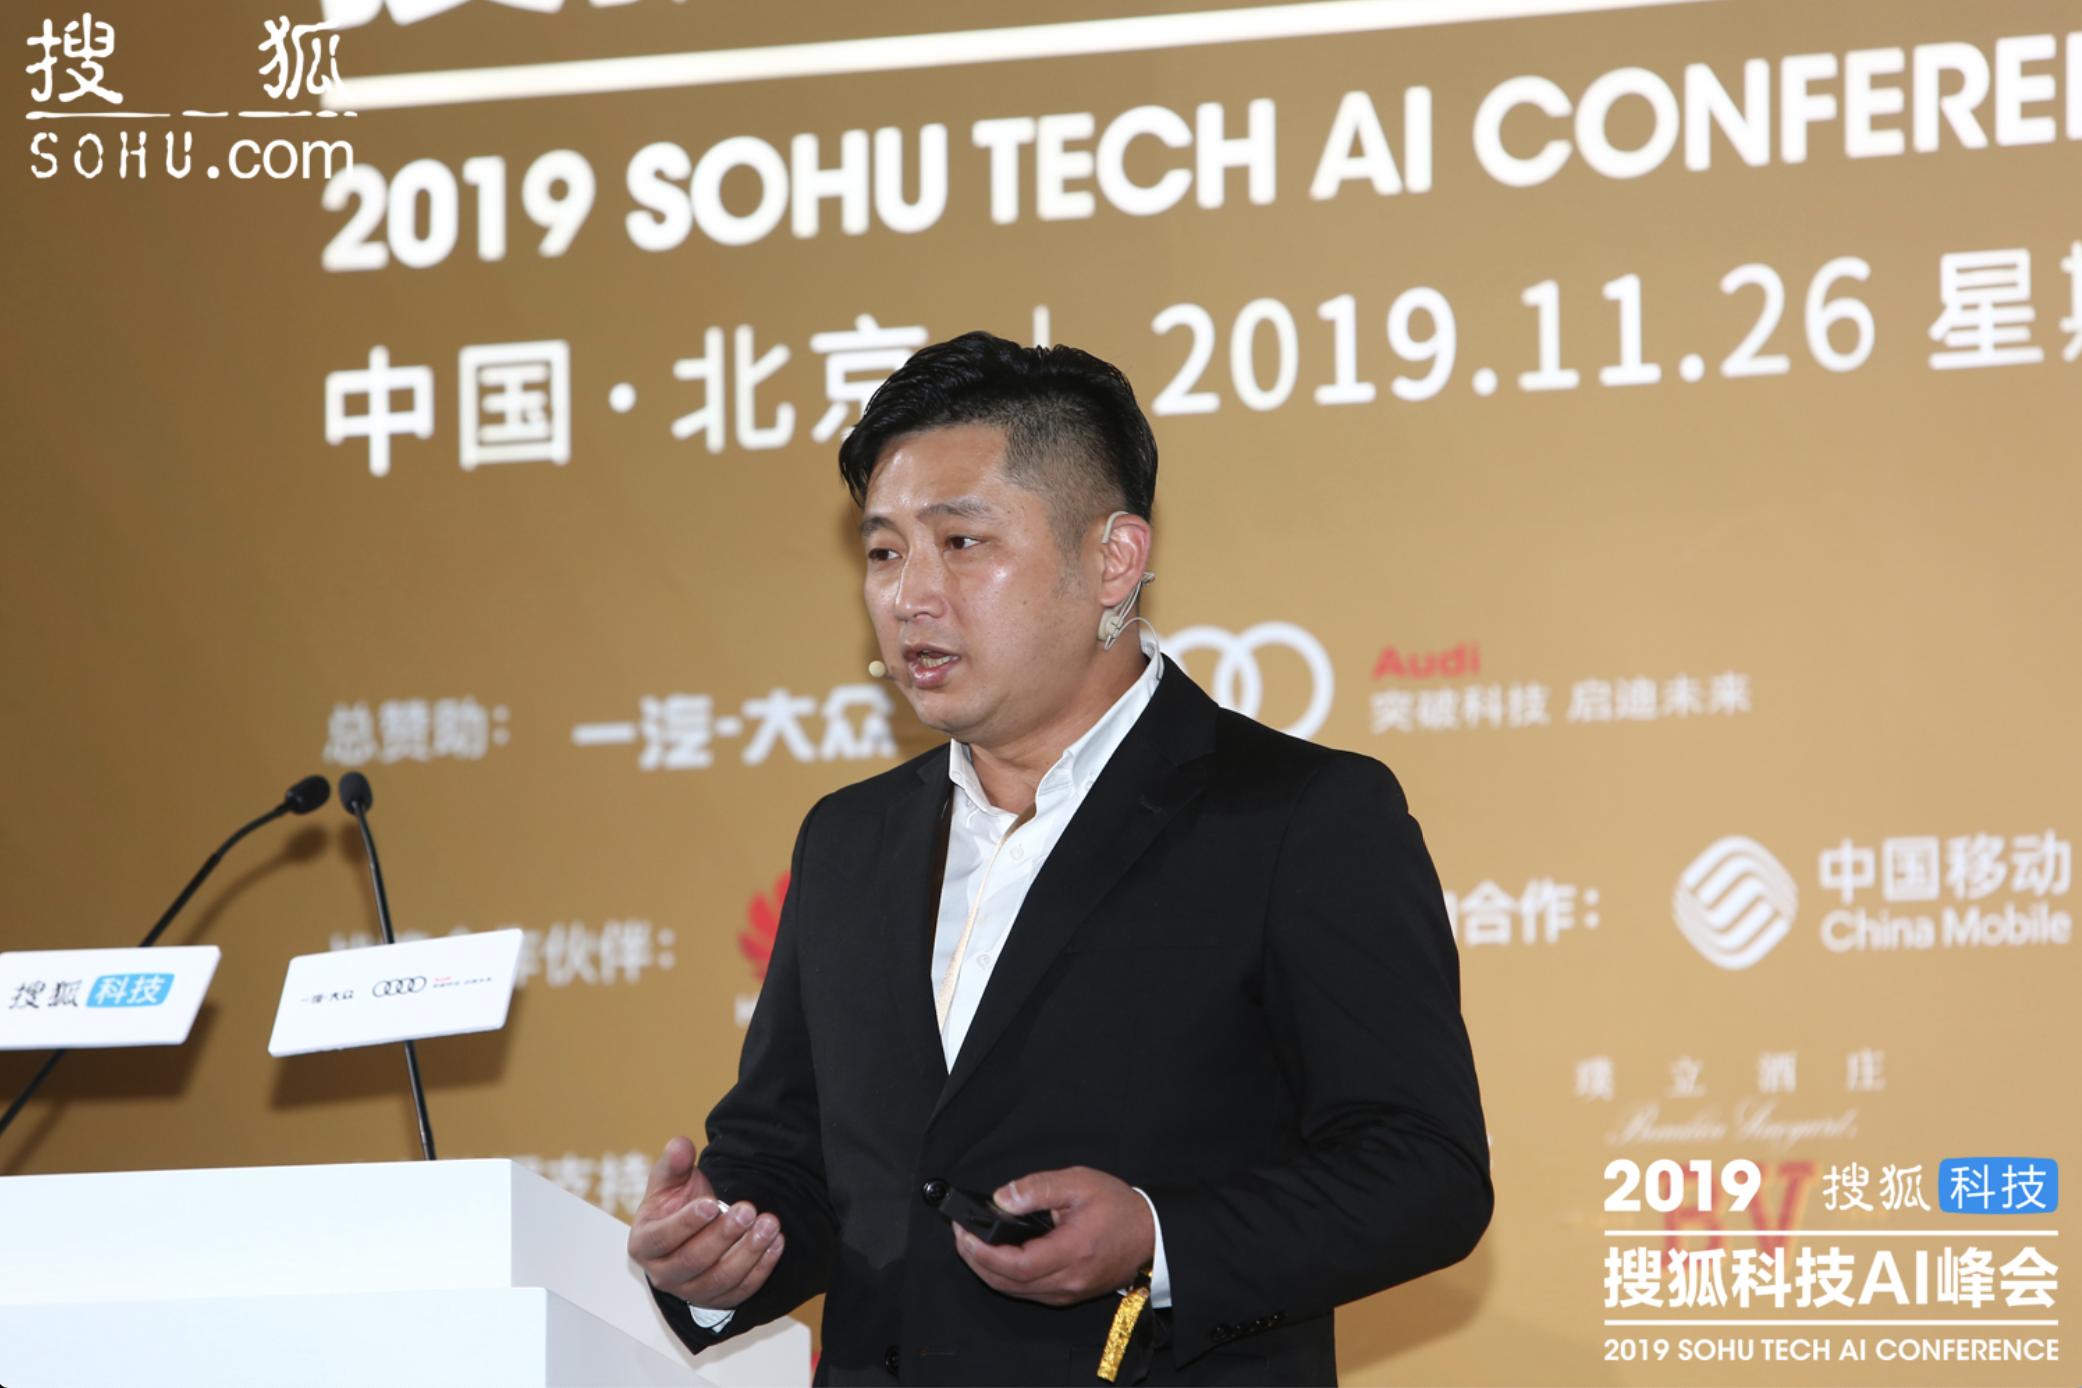 蘇寧王俊杰:AI可以給消費者帶來非常好的應用場景體驗   搜狐科技AI峰會